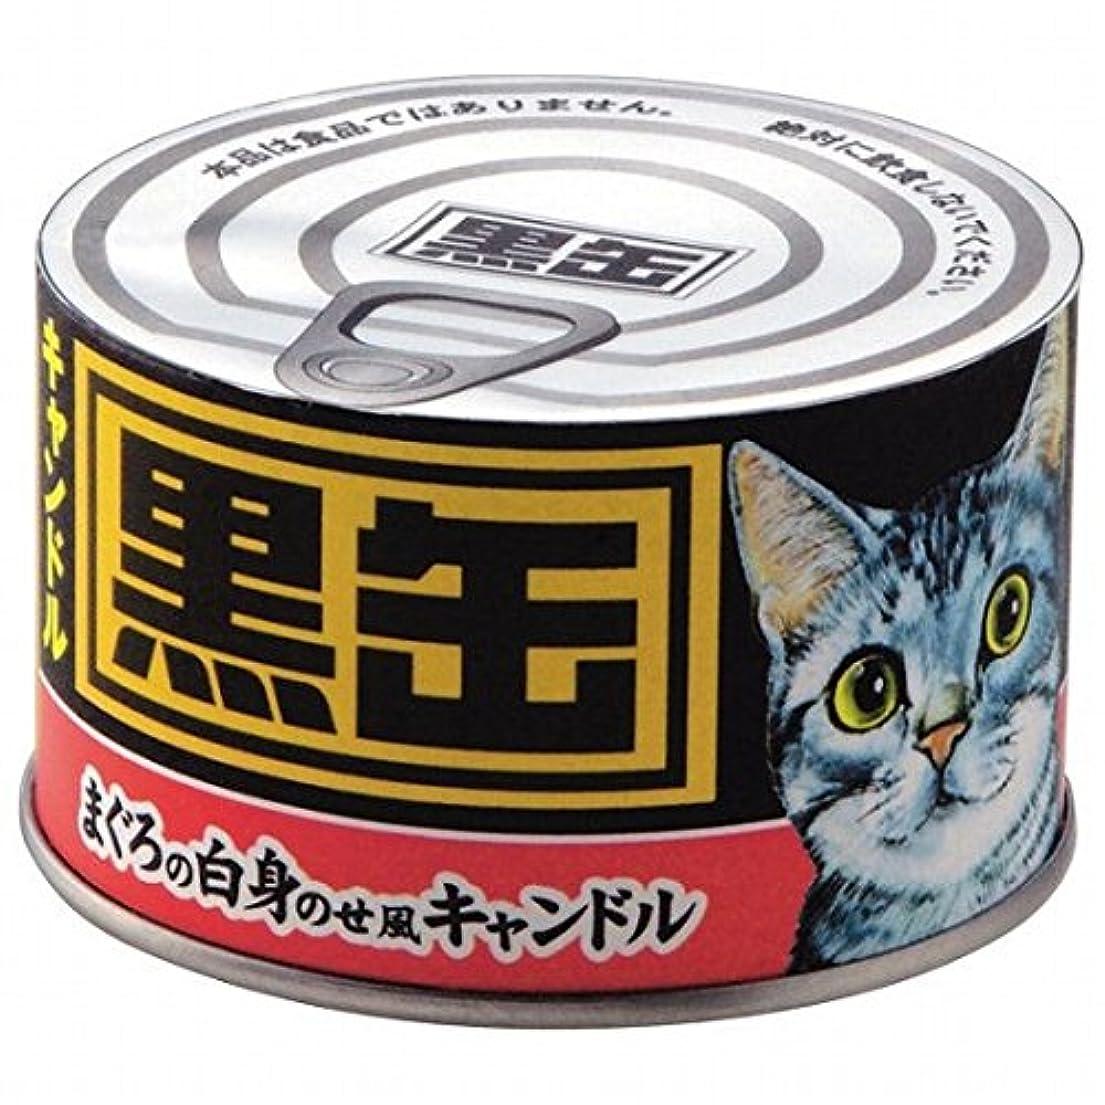 抵抗力がある布事前にカメヤマキャンドル( kameyama candle ) 黒缶キャンドル